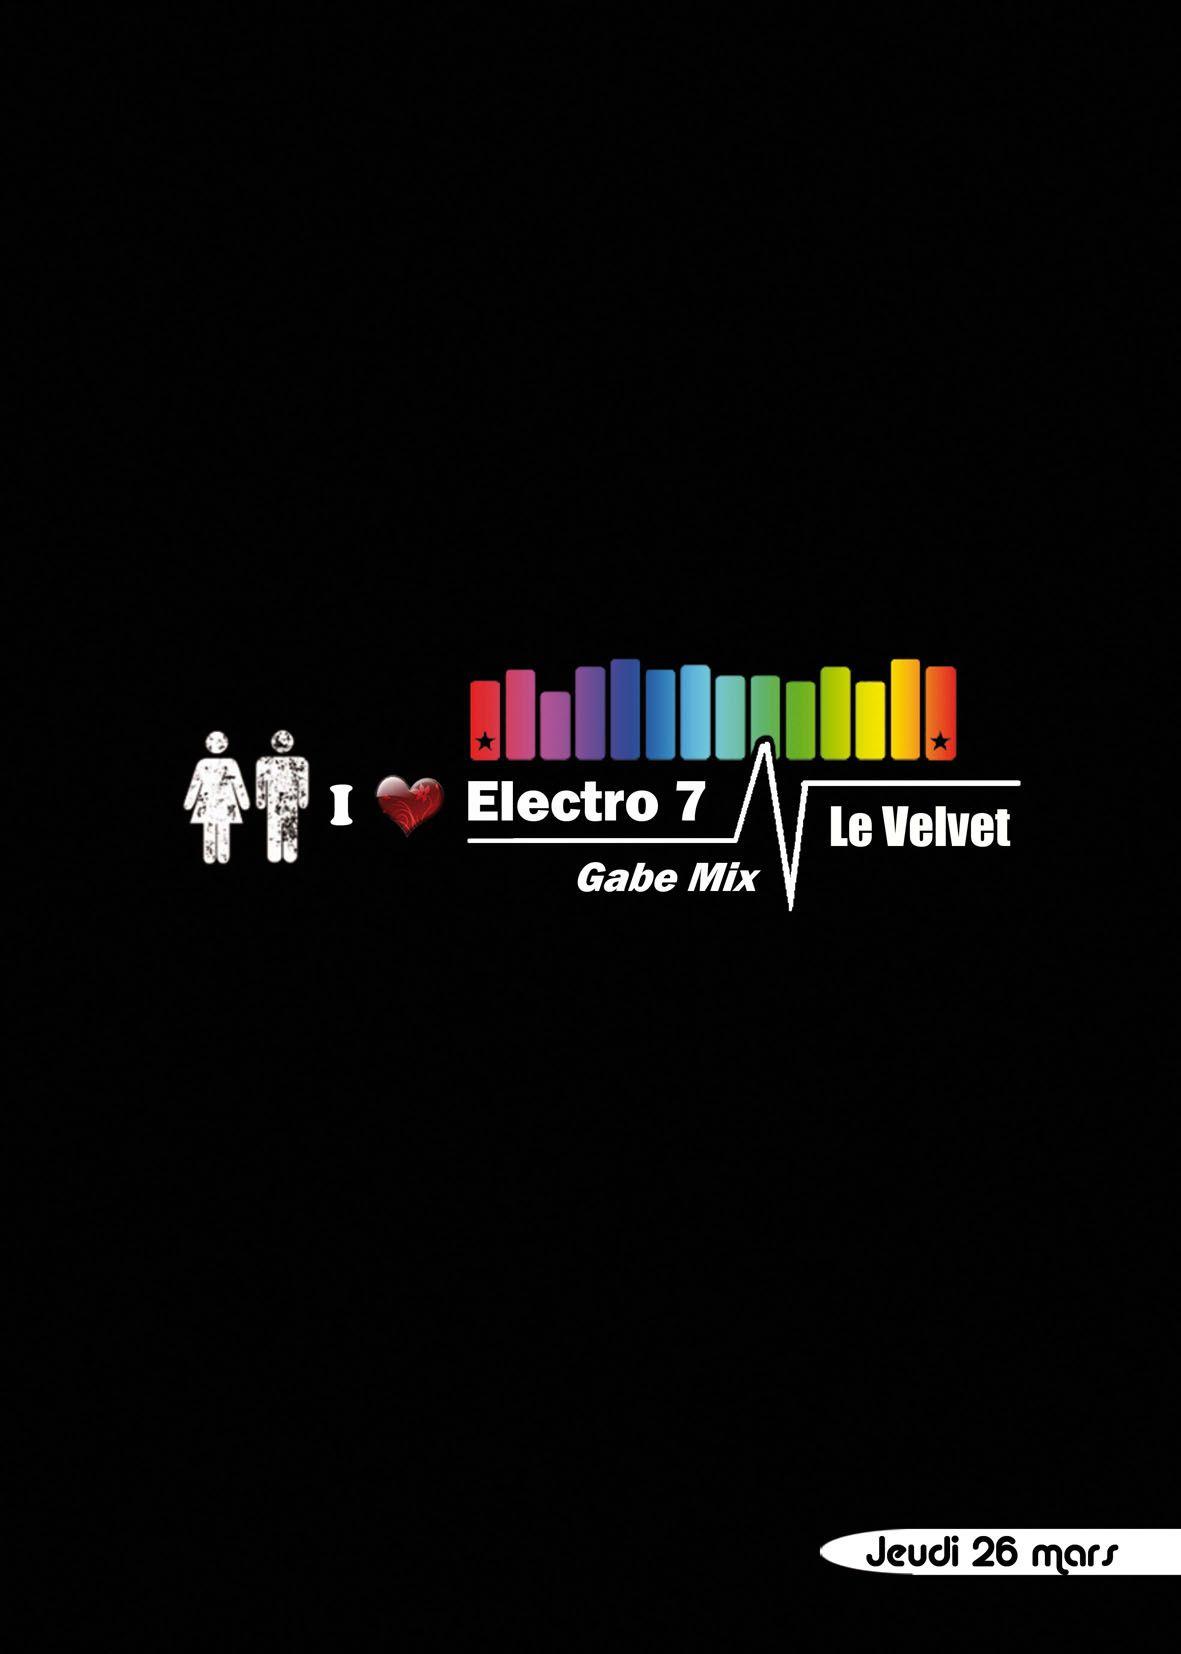 I LOVE ELECTRO #7 ▲ WWW.ILOVEELECTRO.COM